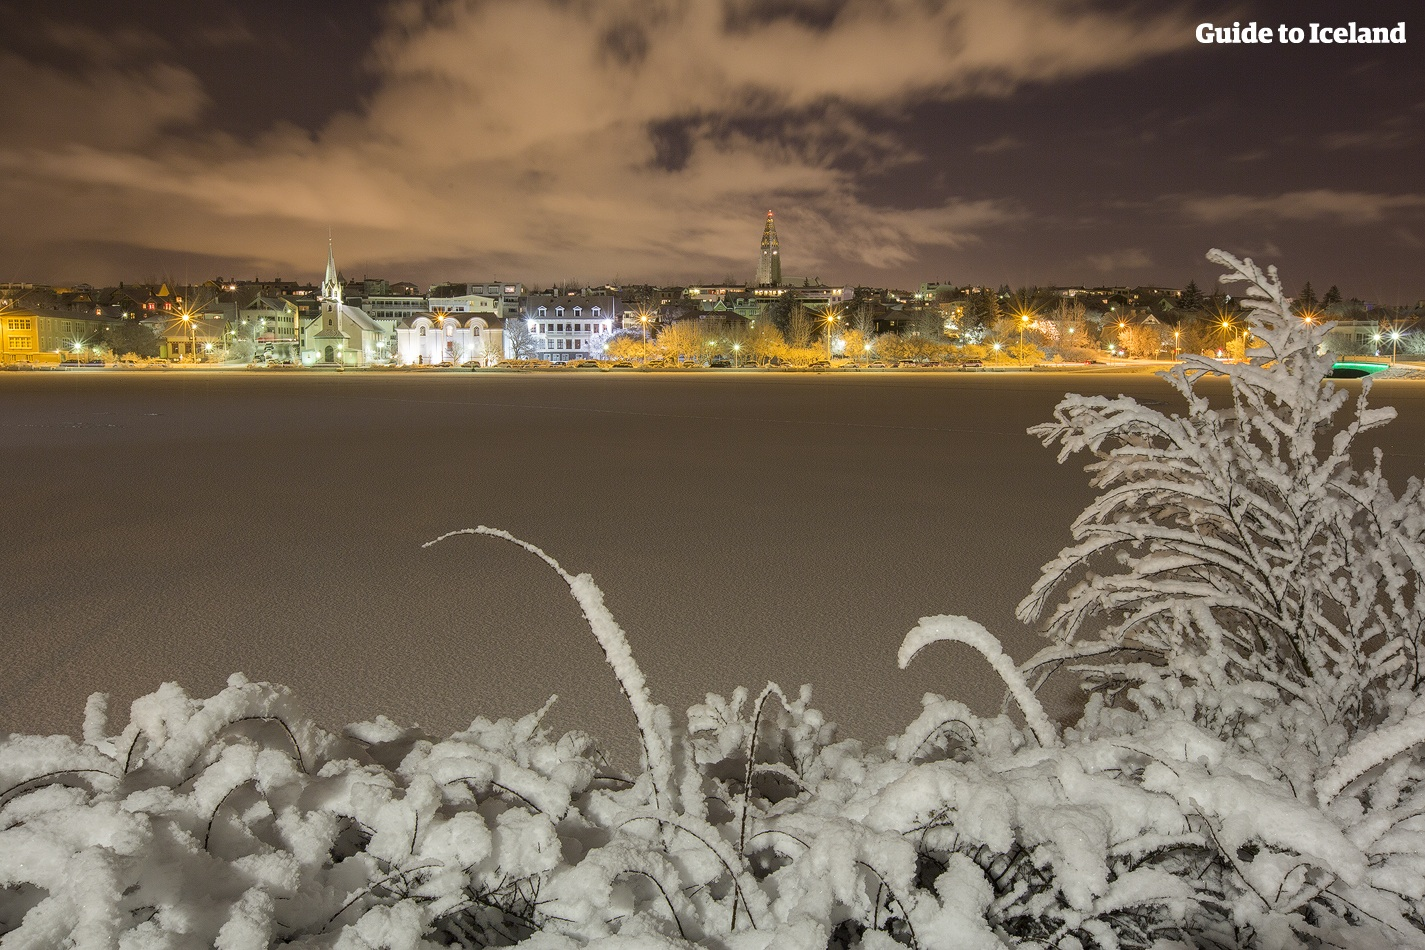 冰岛首都雷克雅未克的灯光点亮了漆黑的极夜